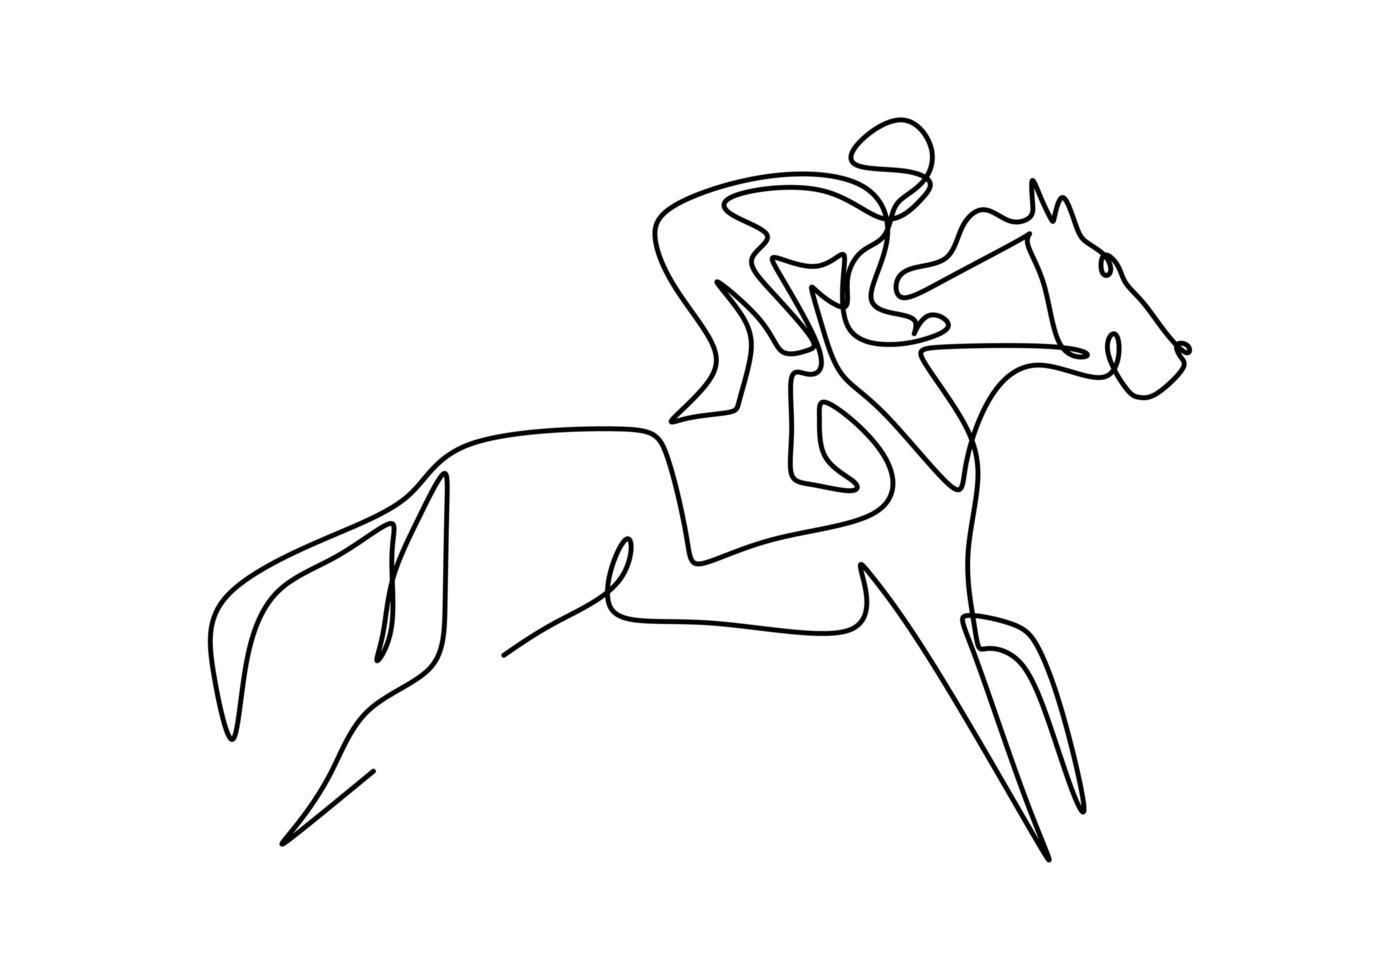 continu een lijntekening ruiter te paard. jonge ruiter man in actie springen. paardentraining op racebaan. elegante sport. paardensport wedstrijd concept tonen. vector illustratie